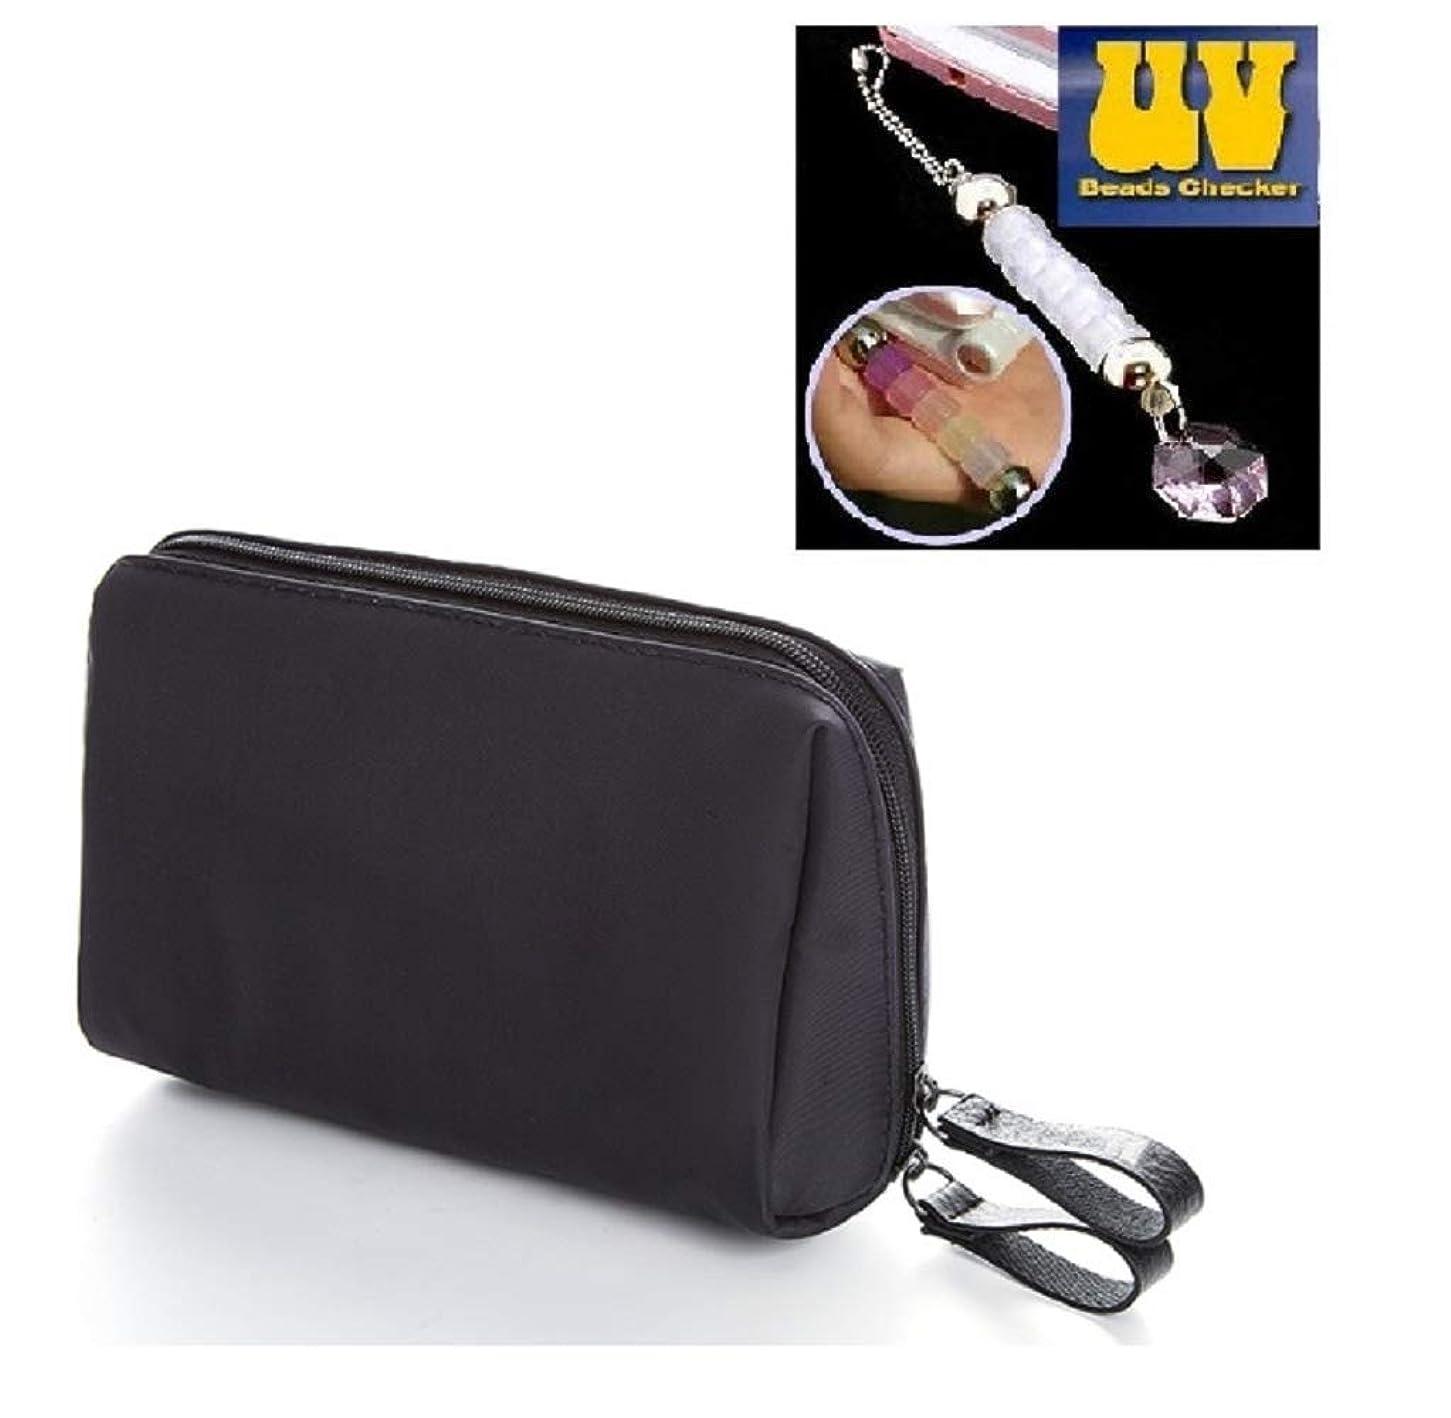 魔術師広々かび臭いコンパクト 化粧ポーチ シンプル 小物入れ ポーチ 紫外線チェッカー ストラップ セット QT-009S (ブラック)